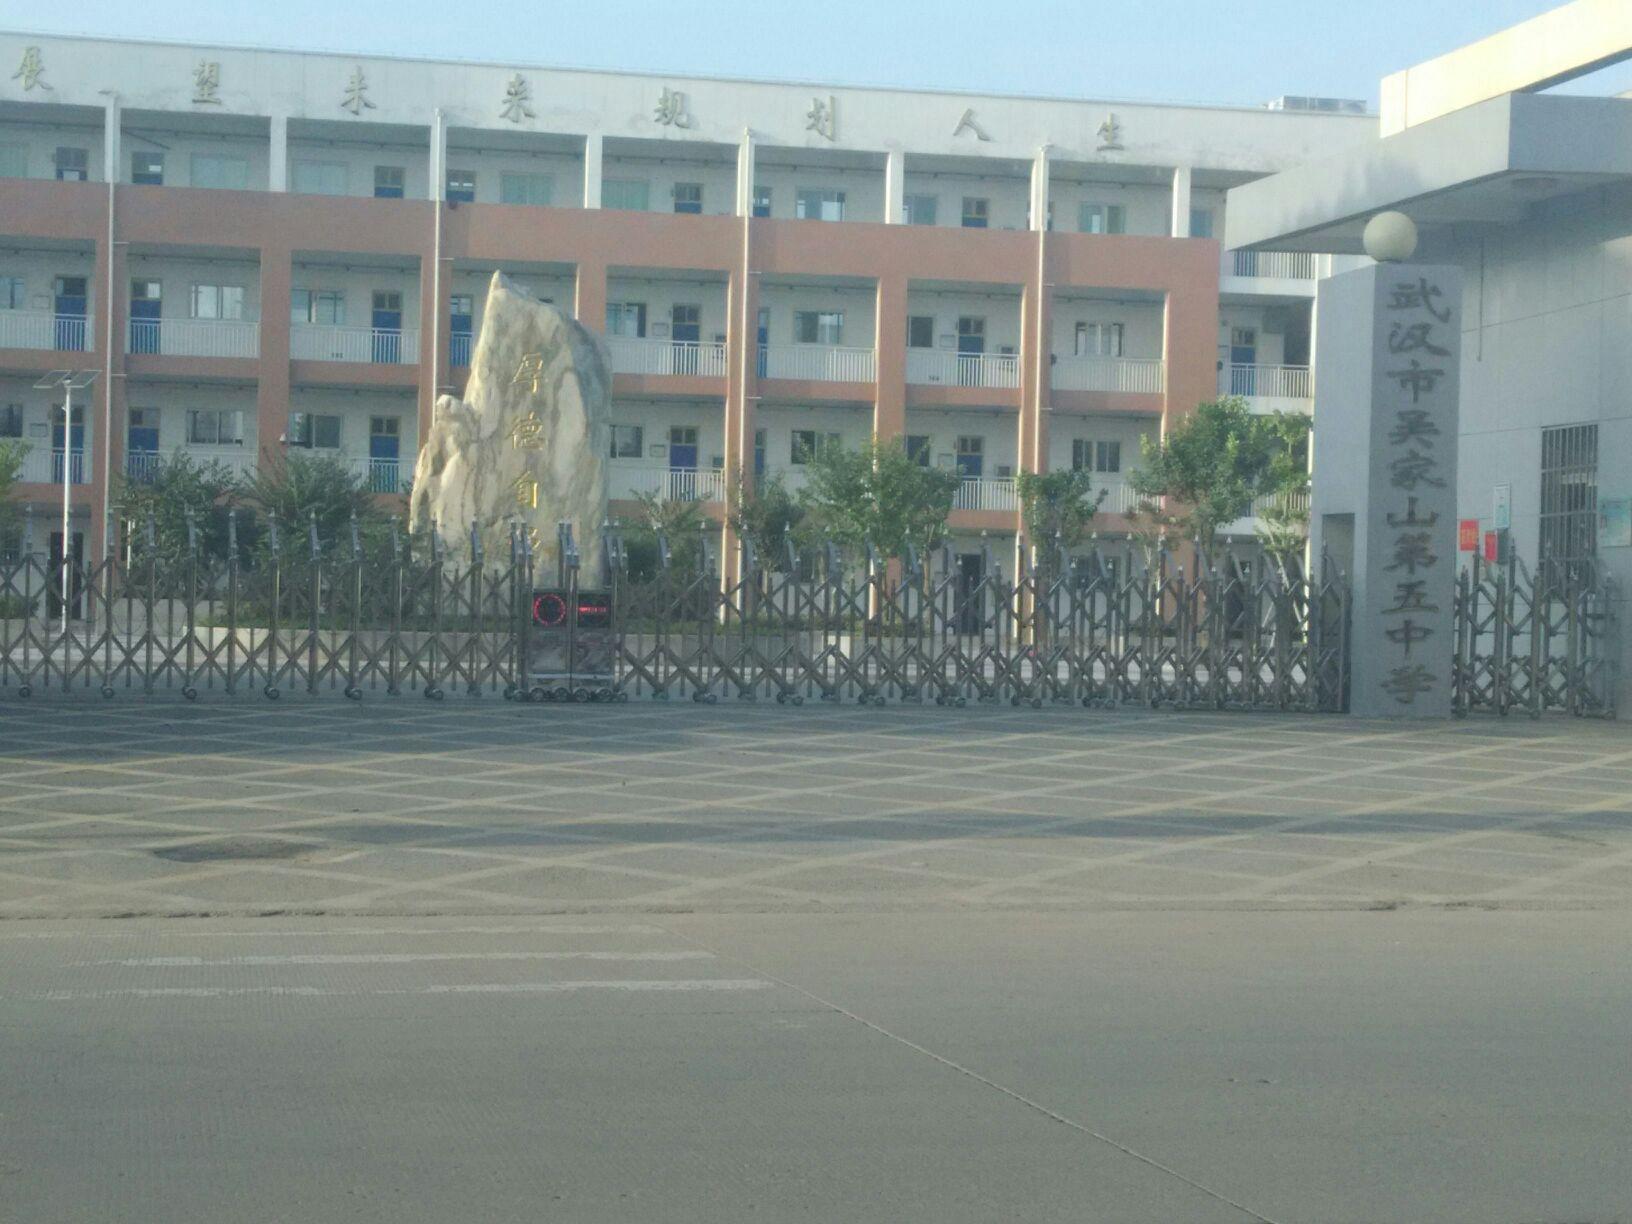 武汉市中学山第五高中黄浦区吴家图片